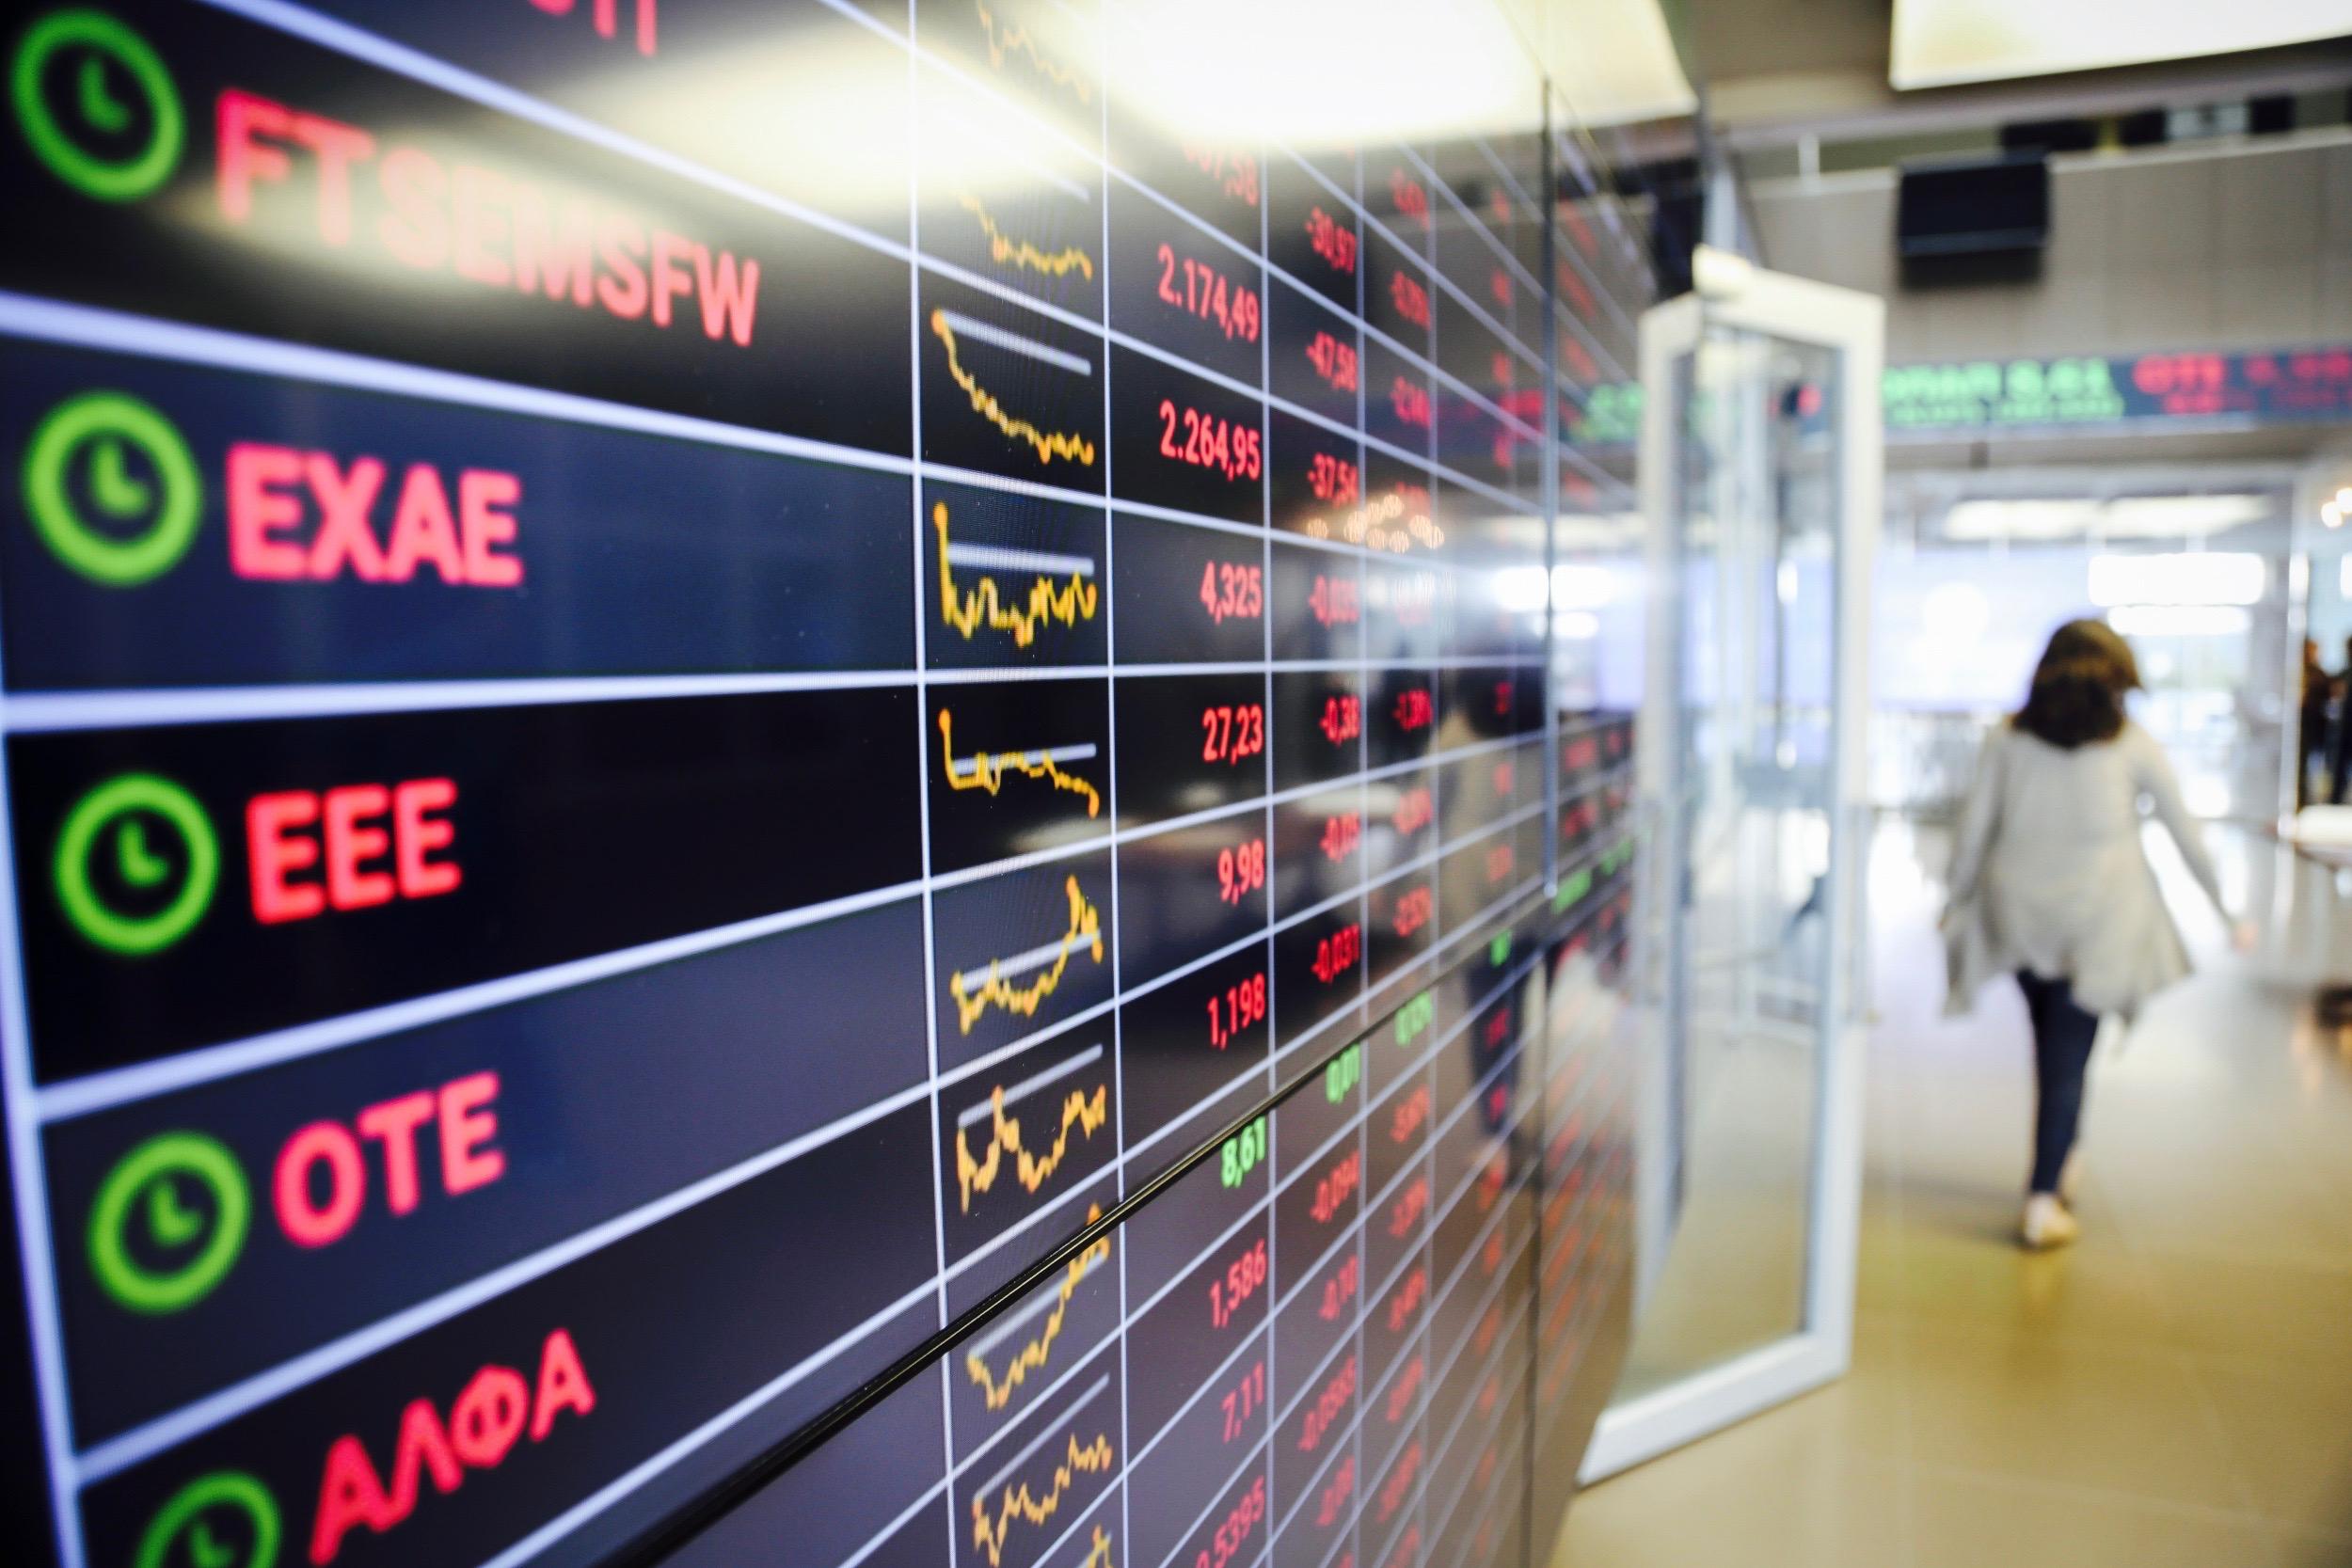 Ελλάδα: Σε ελεύθερη πτώση το ελληνικό Χρηματιστήριο λόγω κορoναϊού